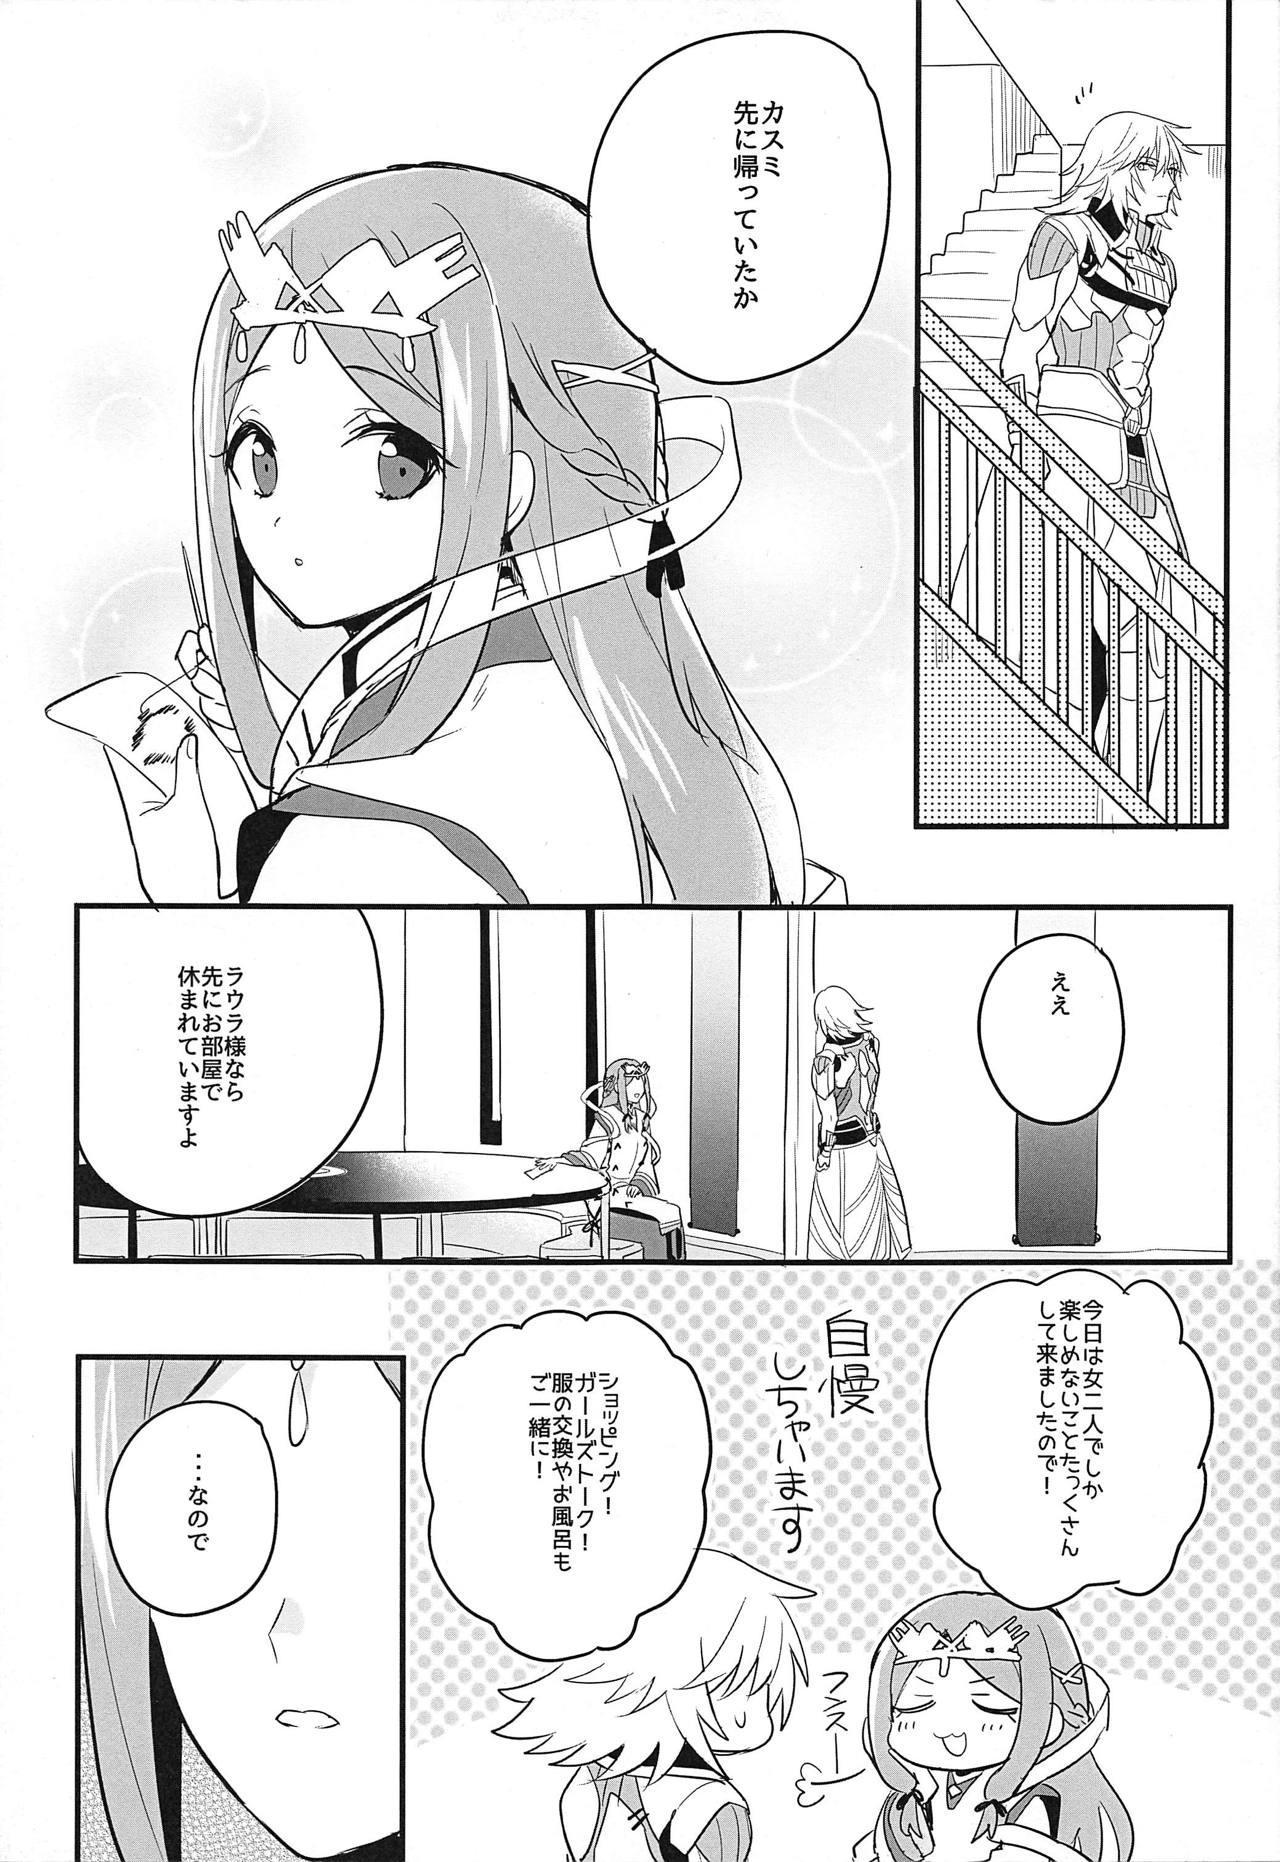 Kishi-sama Shitagi Jijou 10